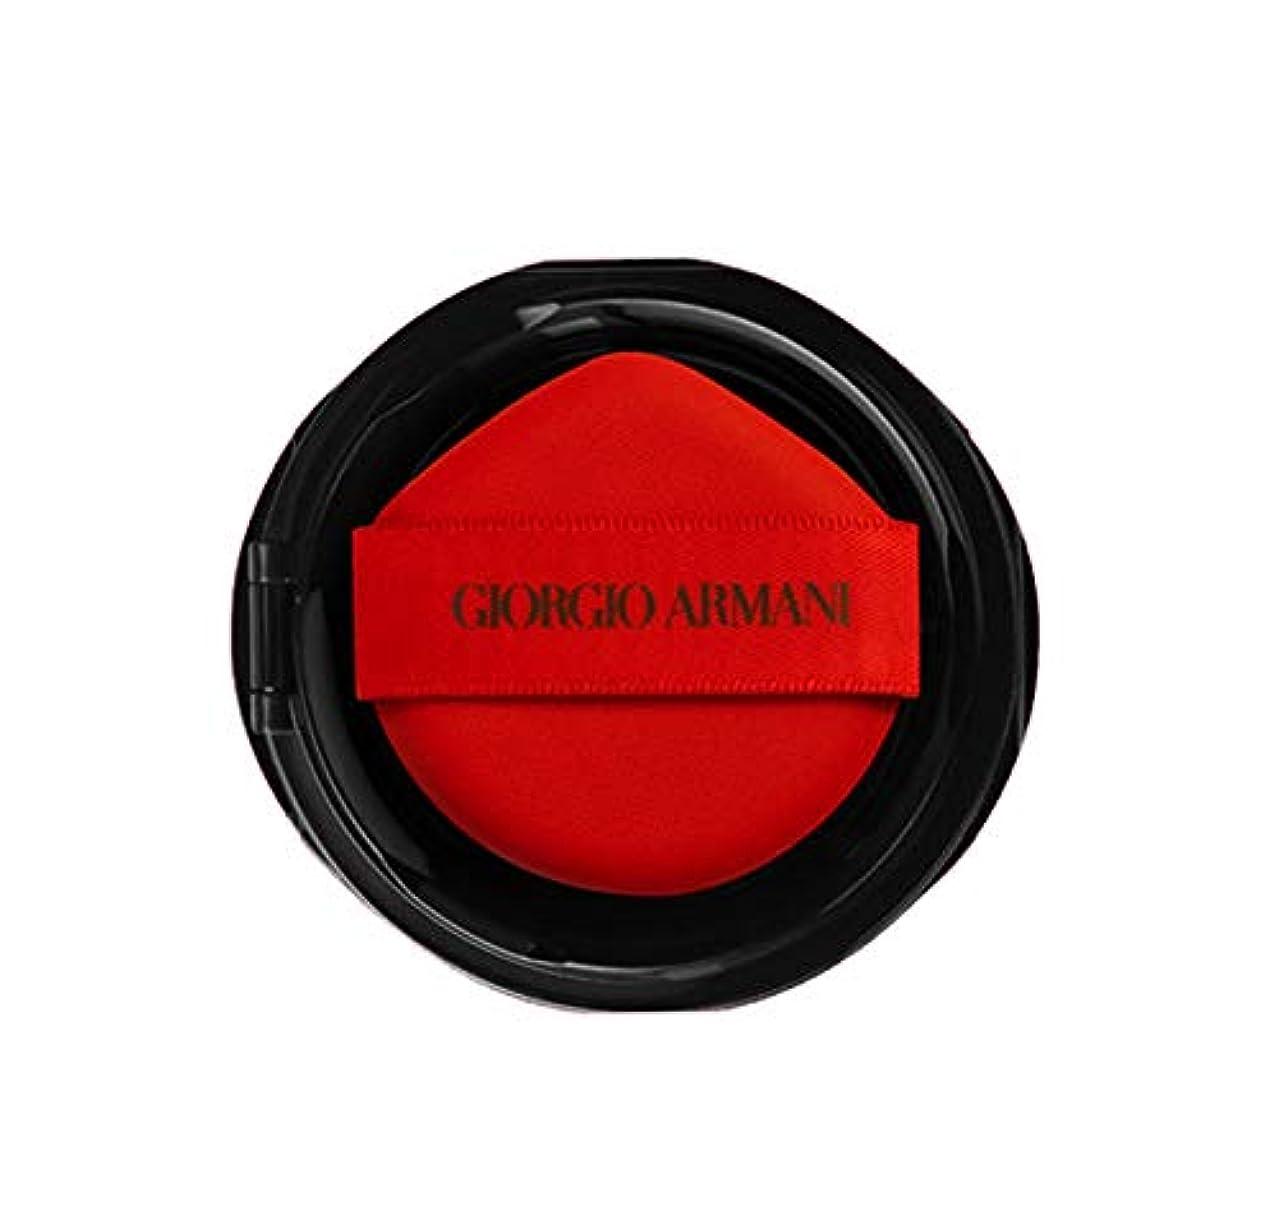 [ジョルジオ アルマーニ ビューテ(Giorgio Armani Beauty)] マイ アルマーニ トゥ ゴー クッション(補充 レフィル) SPF23 PA+++ 15g #3